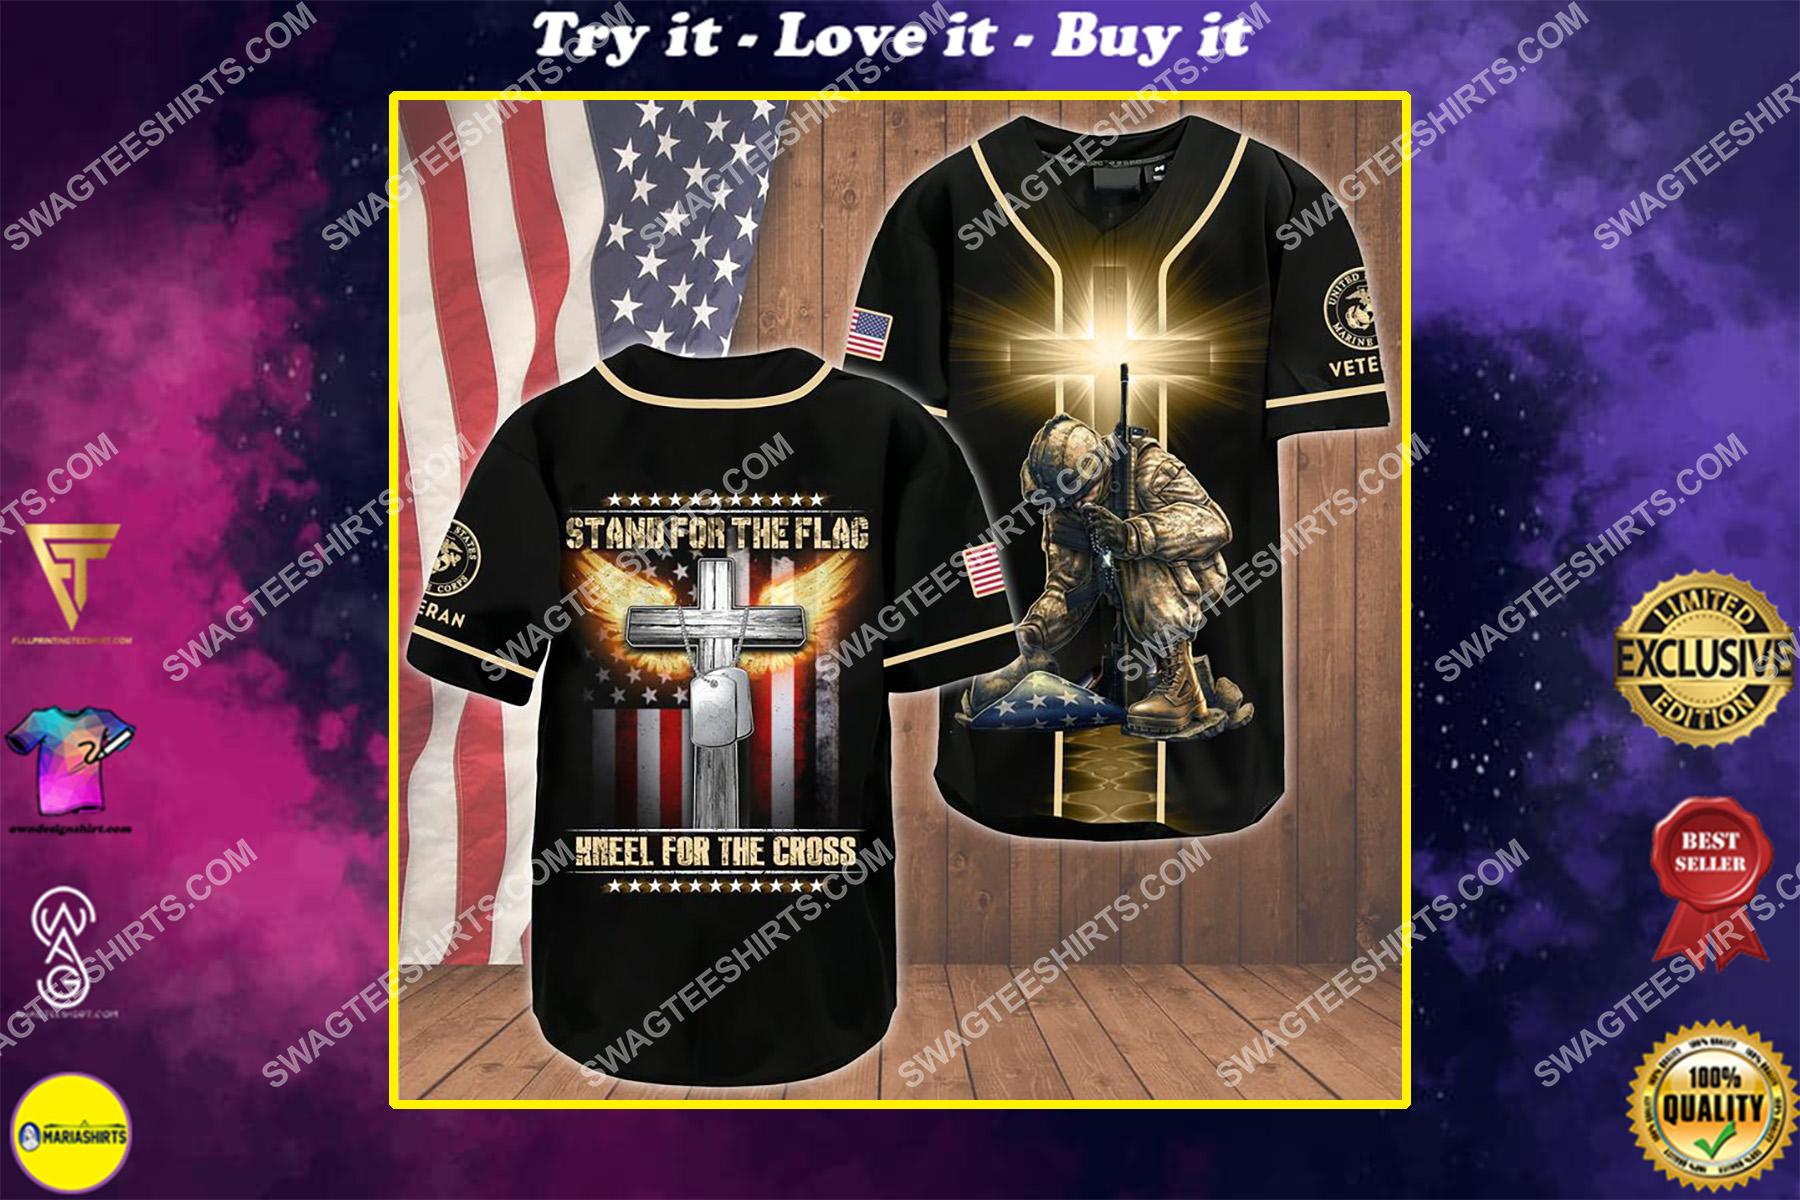 stand for the flag kneel for the Cross marines veteran baseball shirt